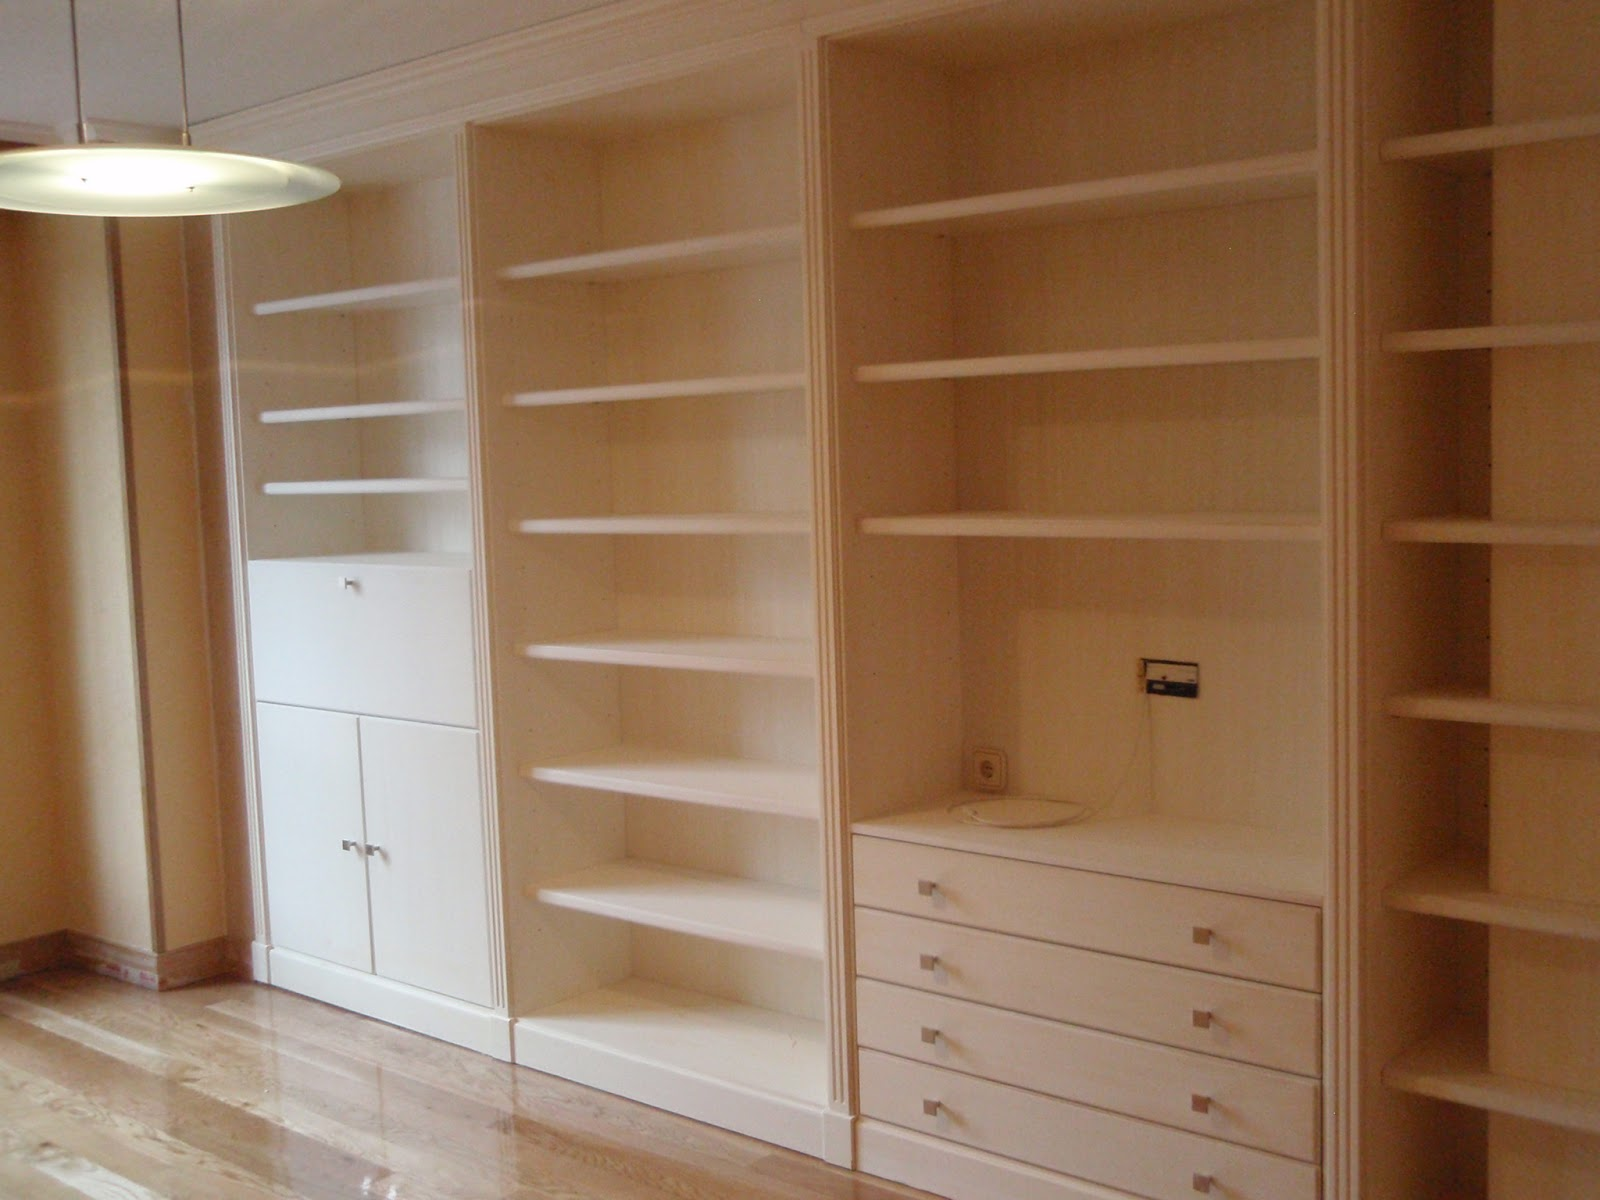 Mueble de pared completa a medida en madera lacada - Mueble a medida ...